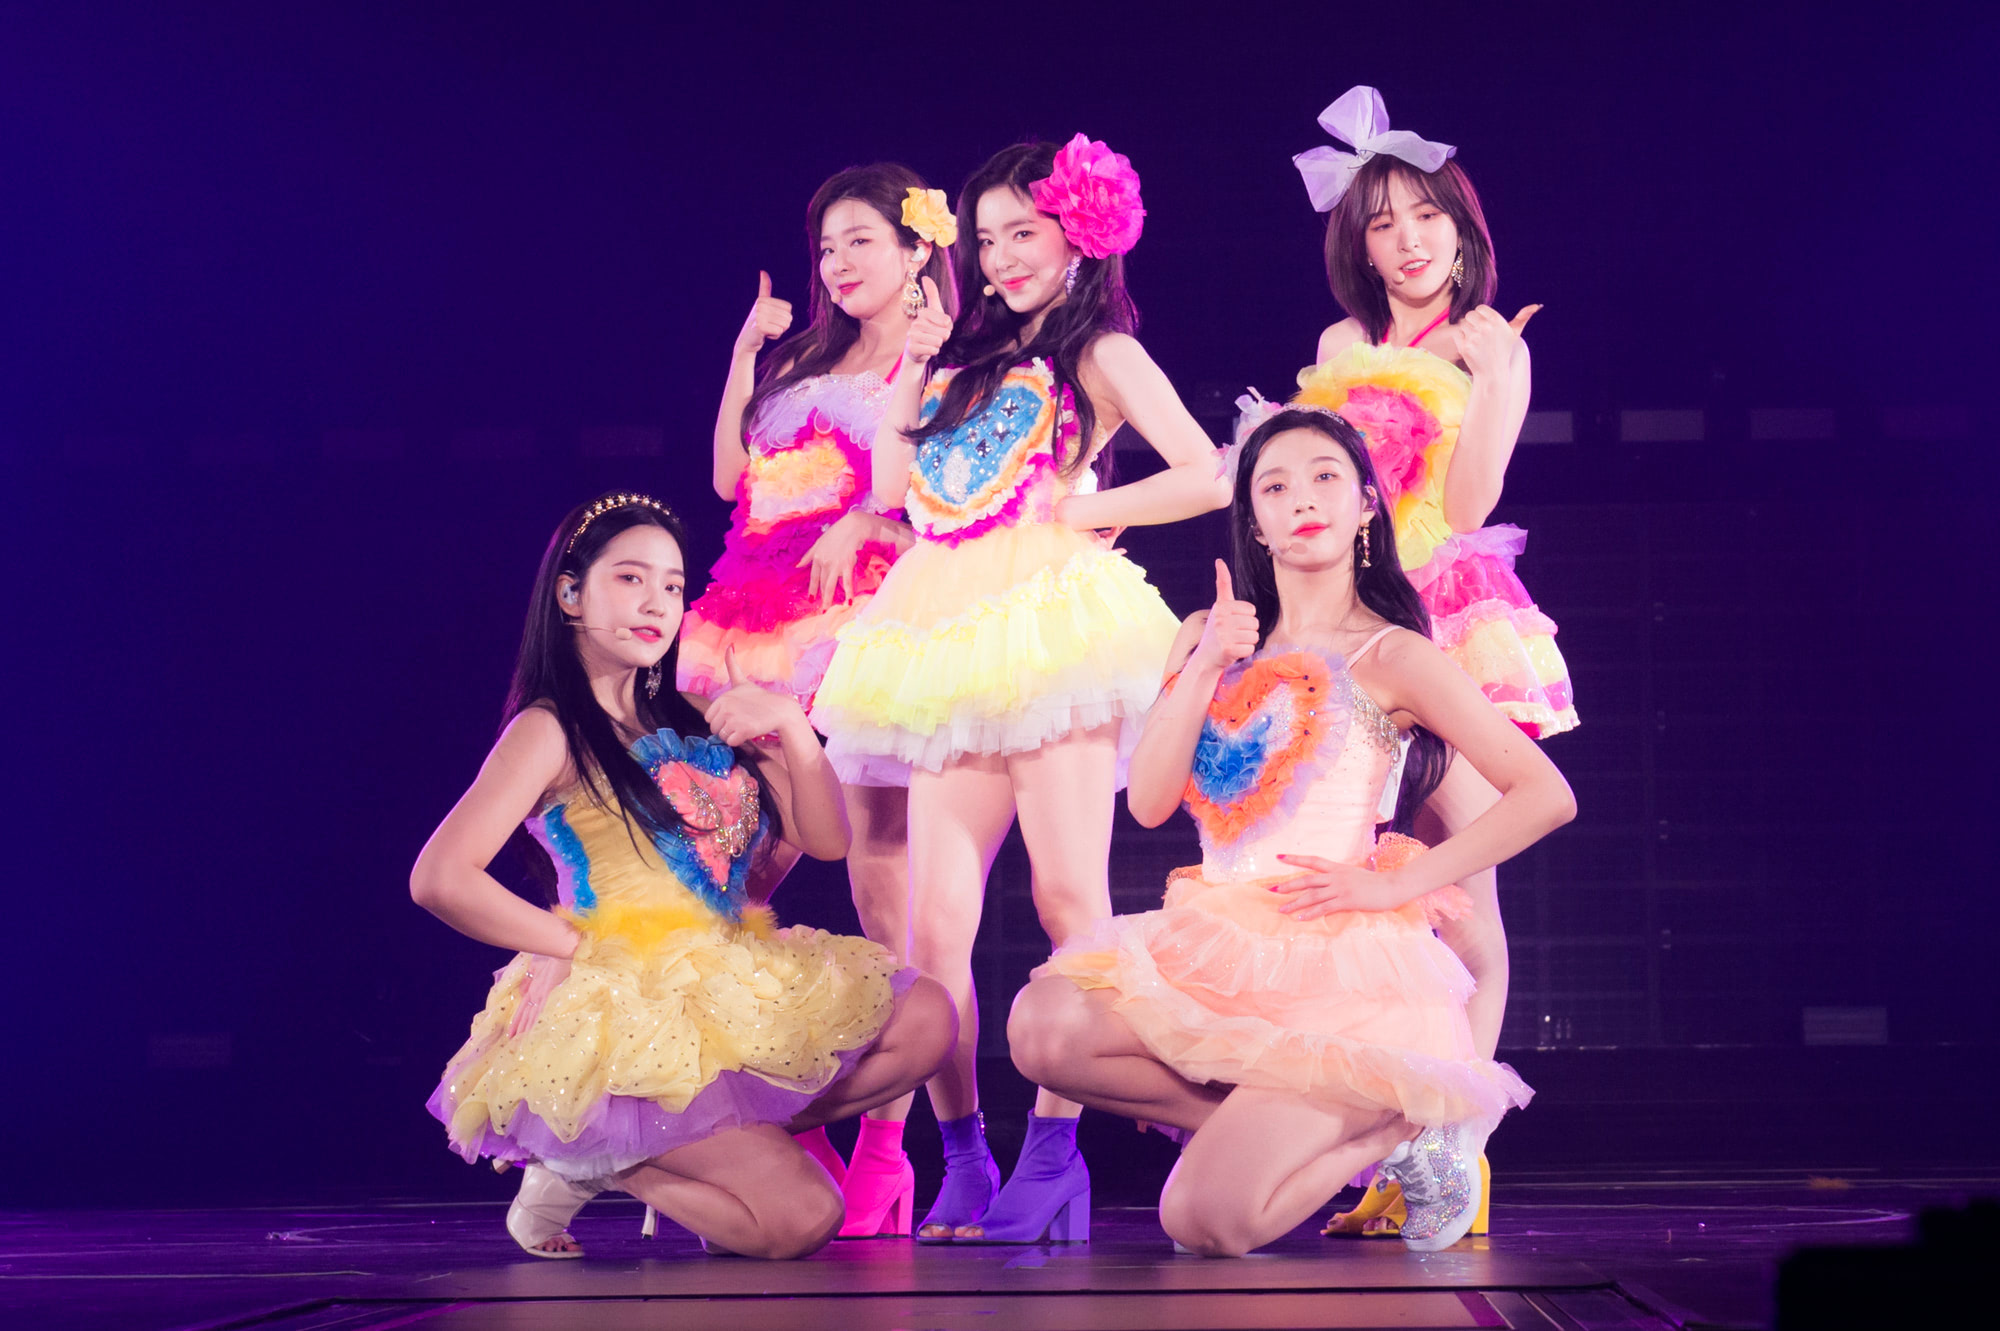 横浜アリーナで開催された「Red Velvet ARENA TOUR in JAPAN